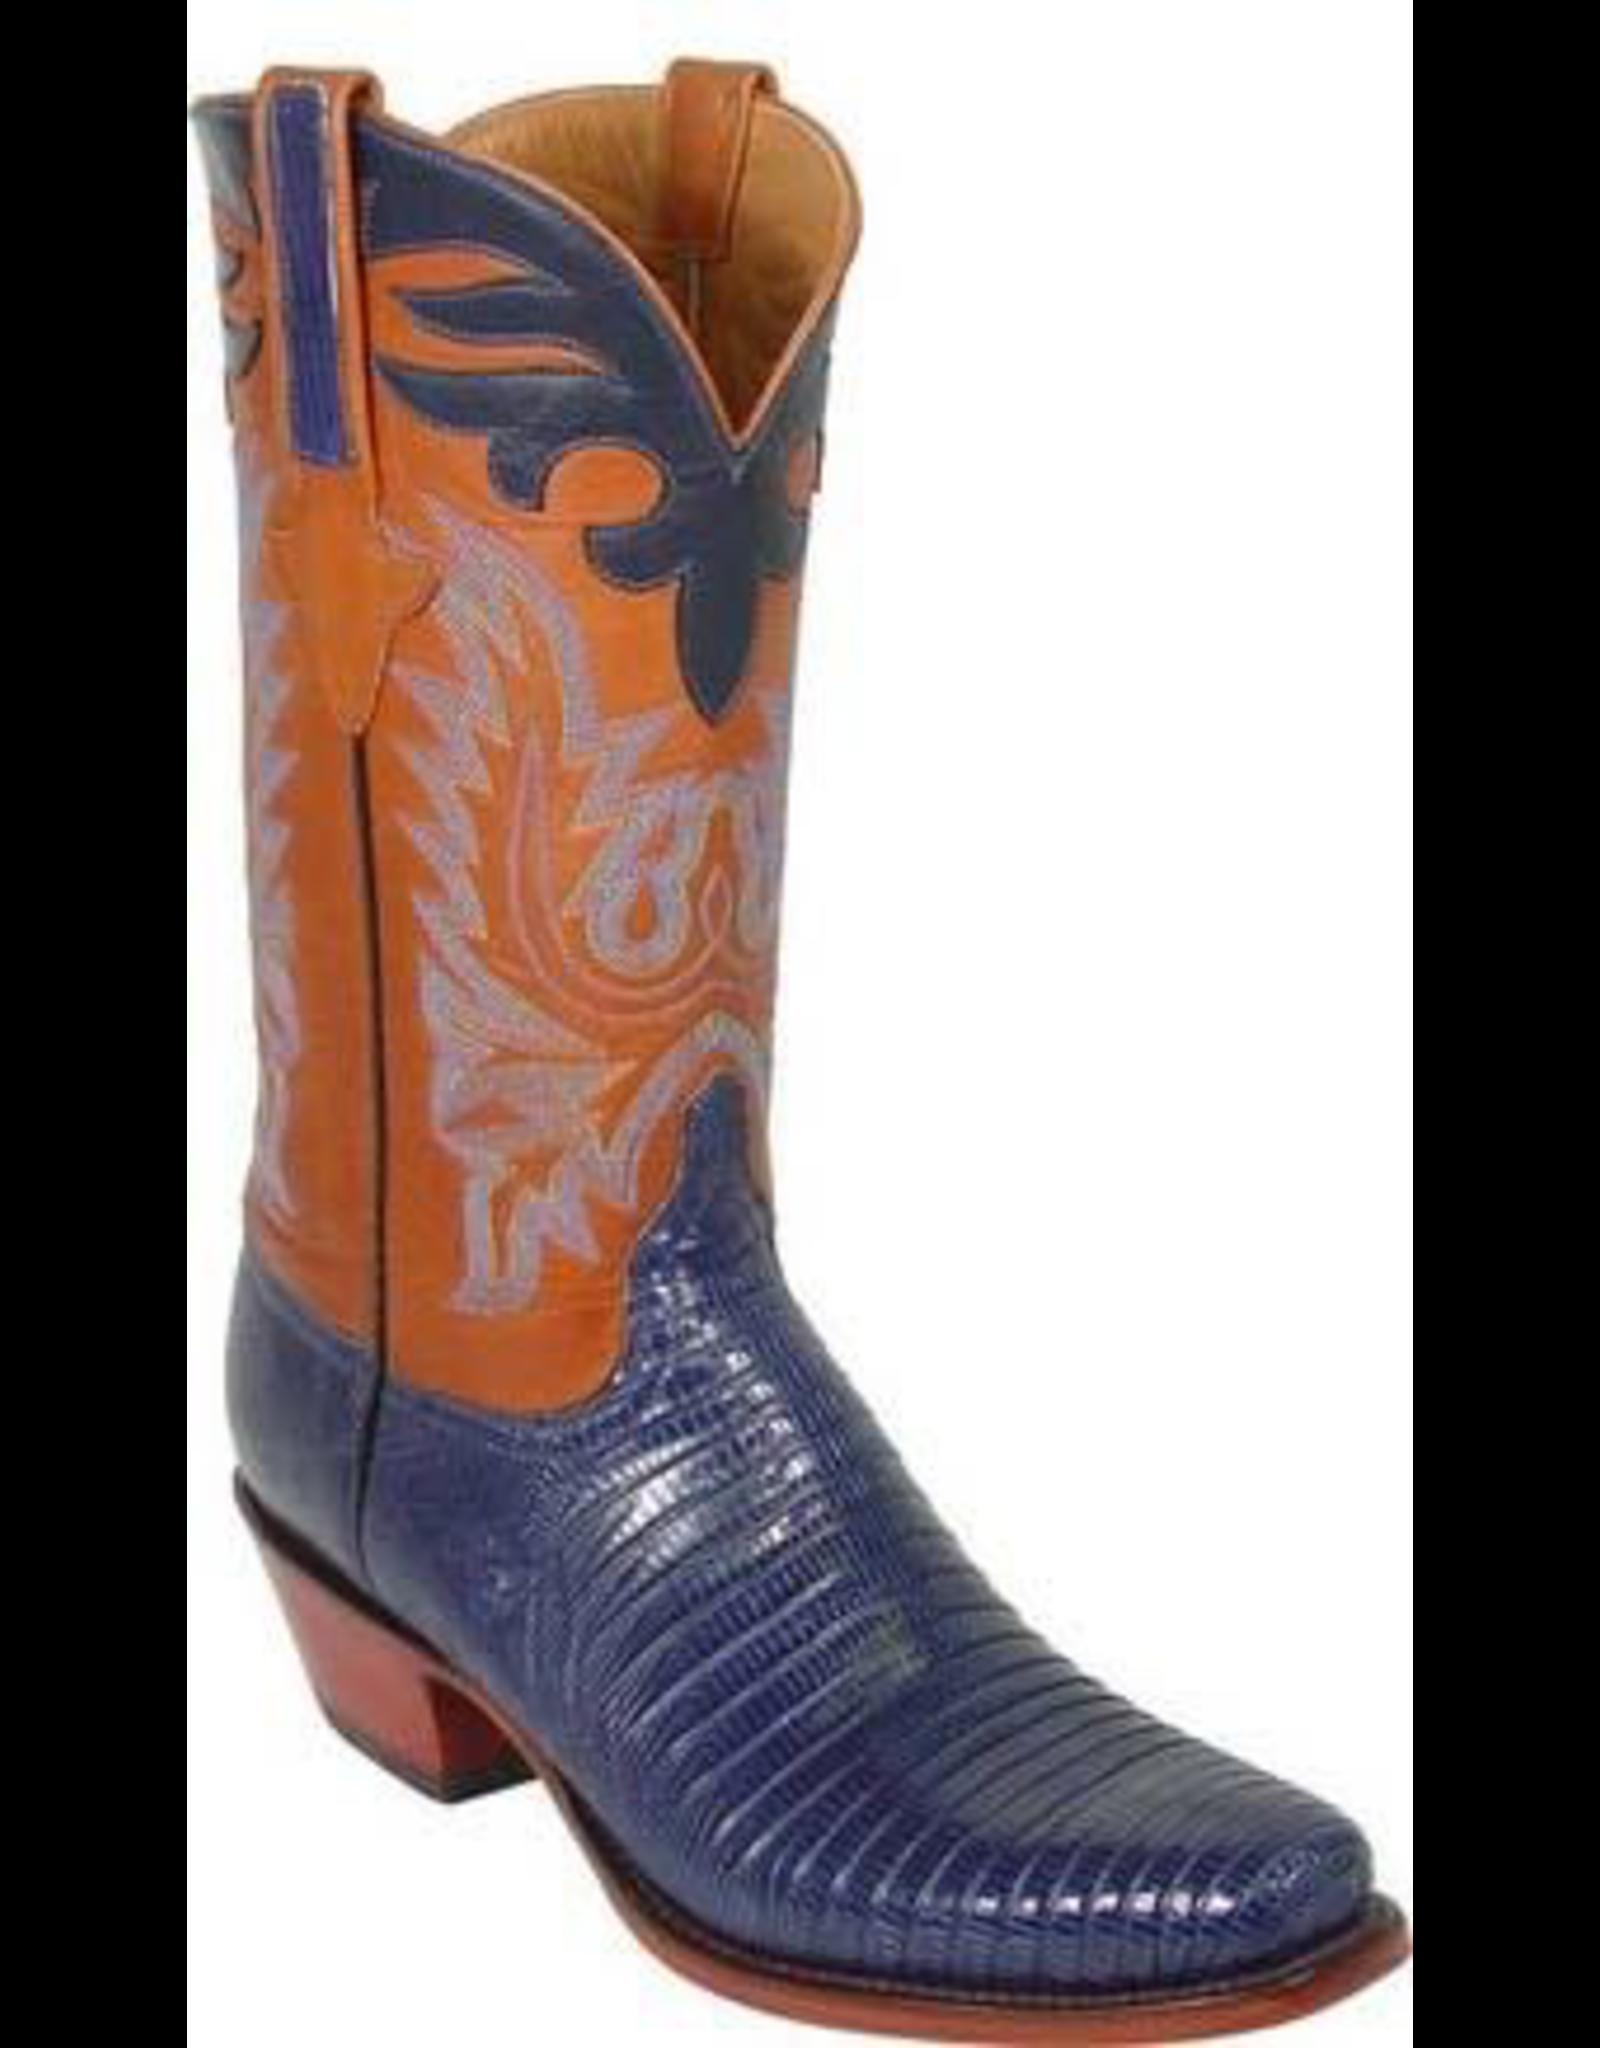 Boots-Men LUCCHESE L1290.54 11.5 D Handmade Navy Lizard